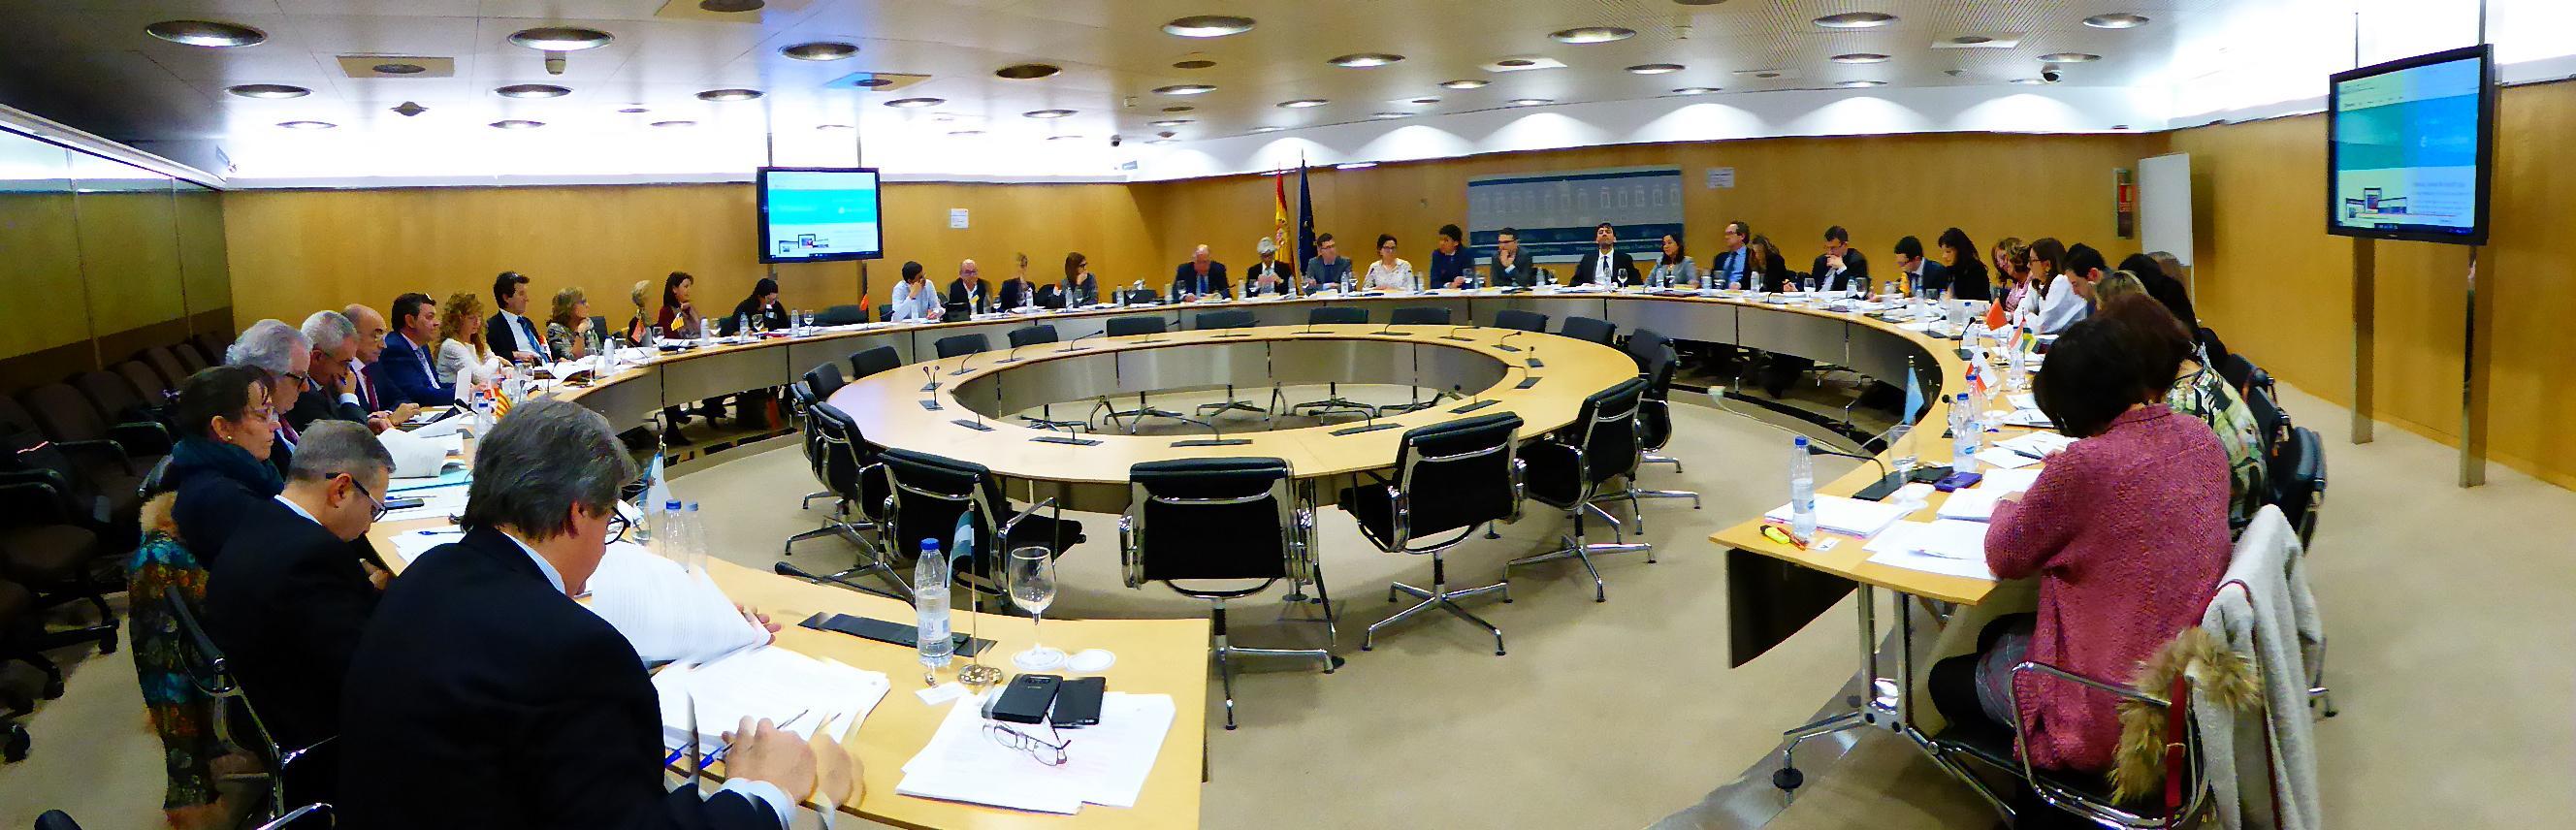 Grupo Trabajo Consejo Políticas del Juego